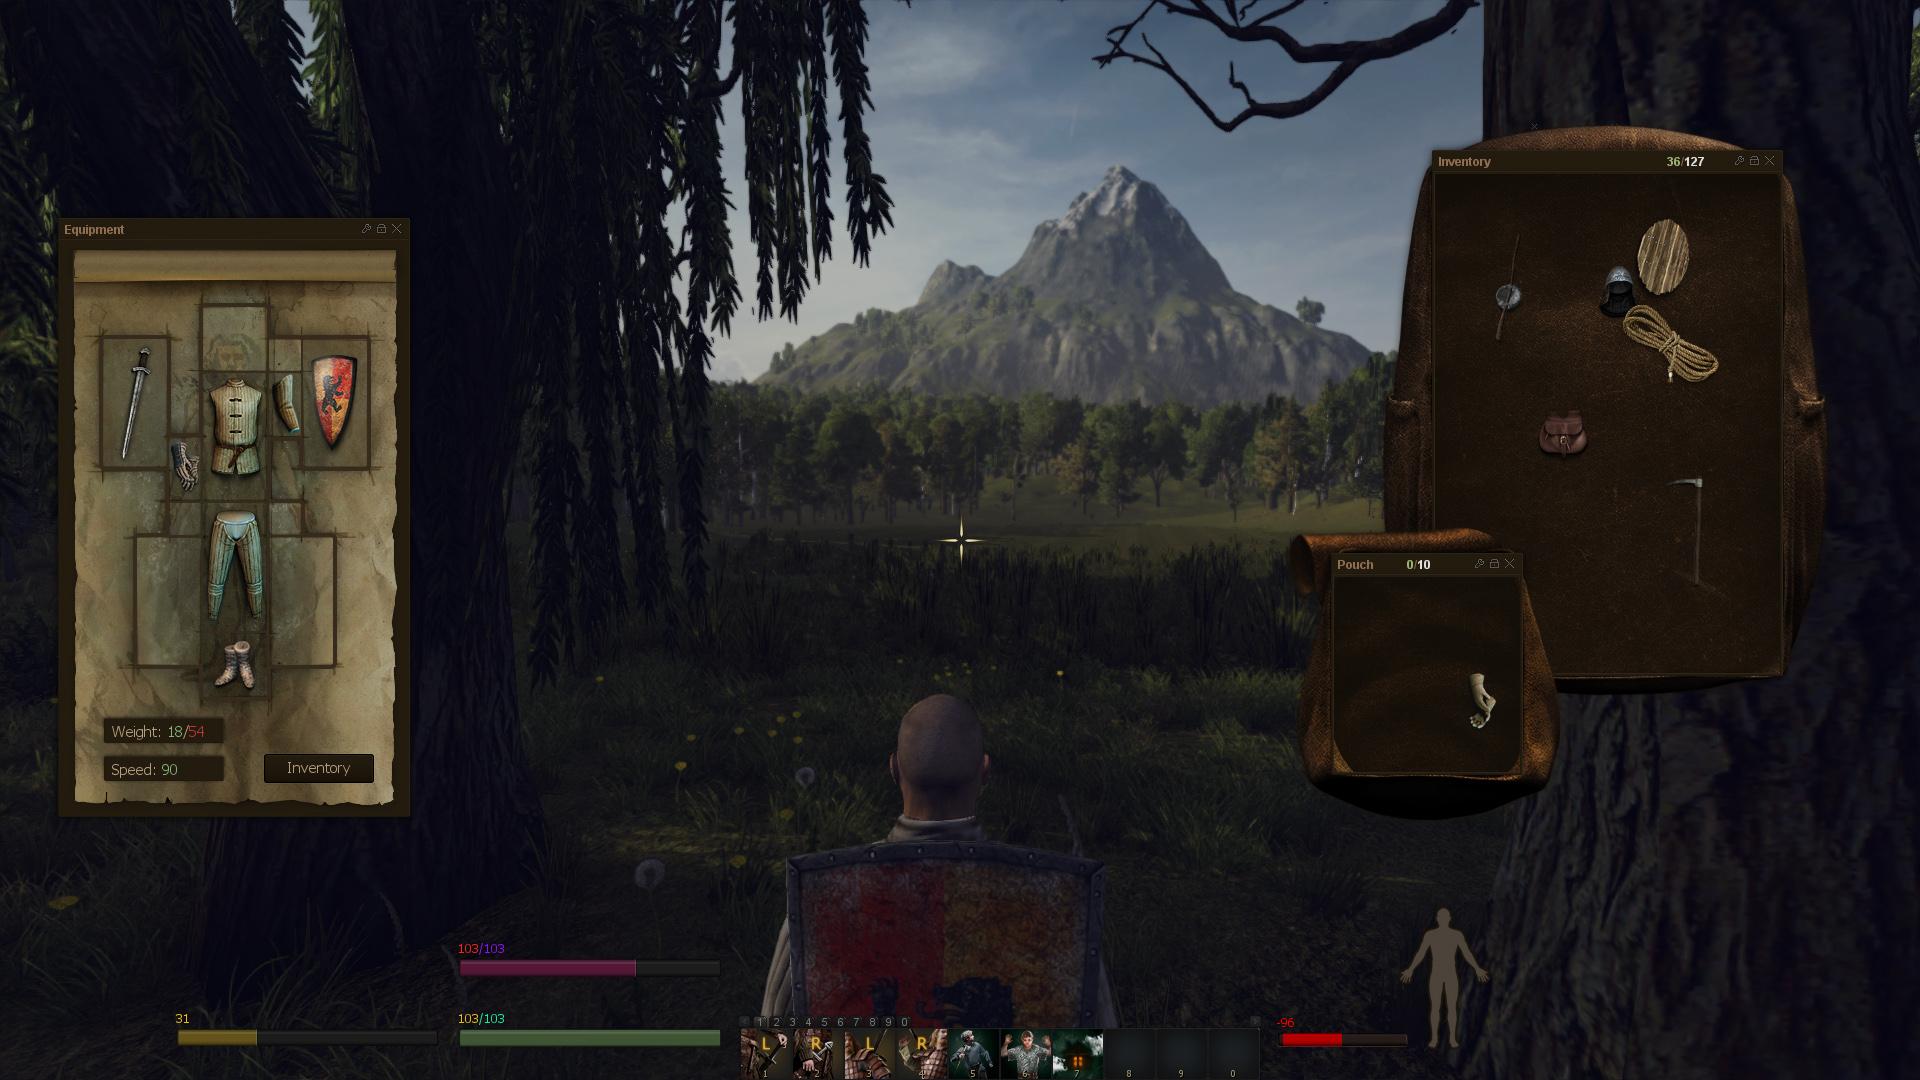 Life is feudal платная или нет скачать онлайн игру plants vs zombies 2